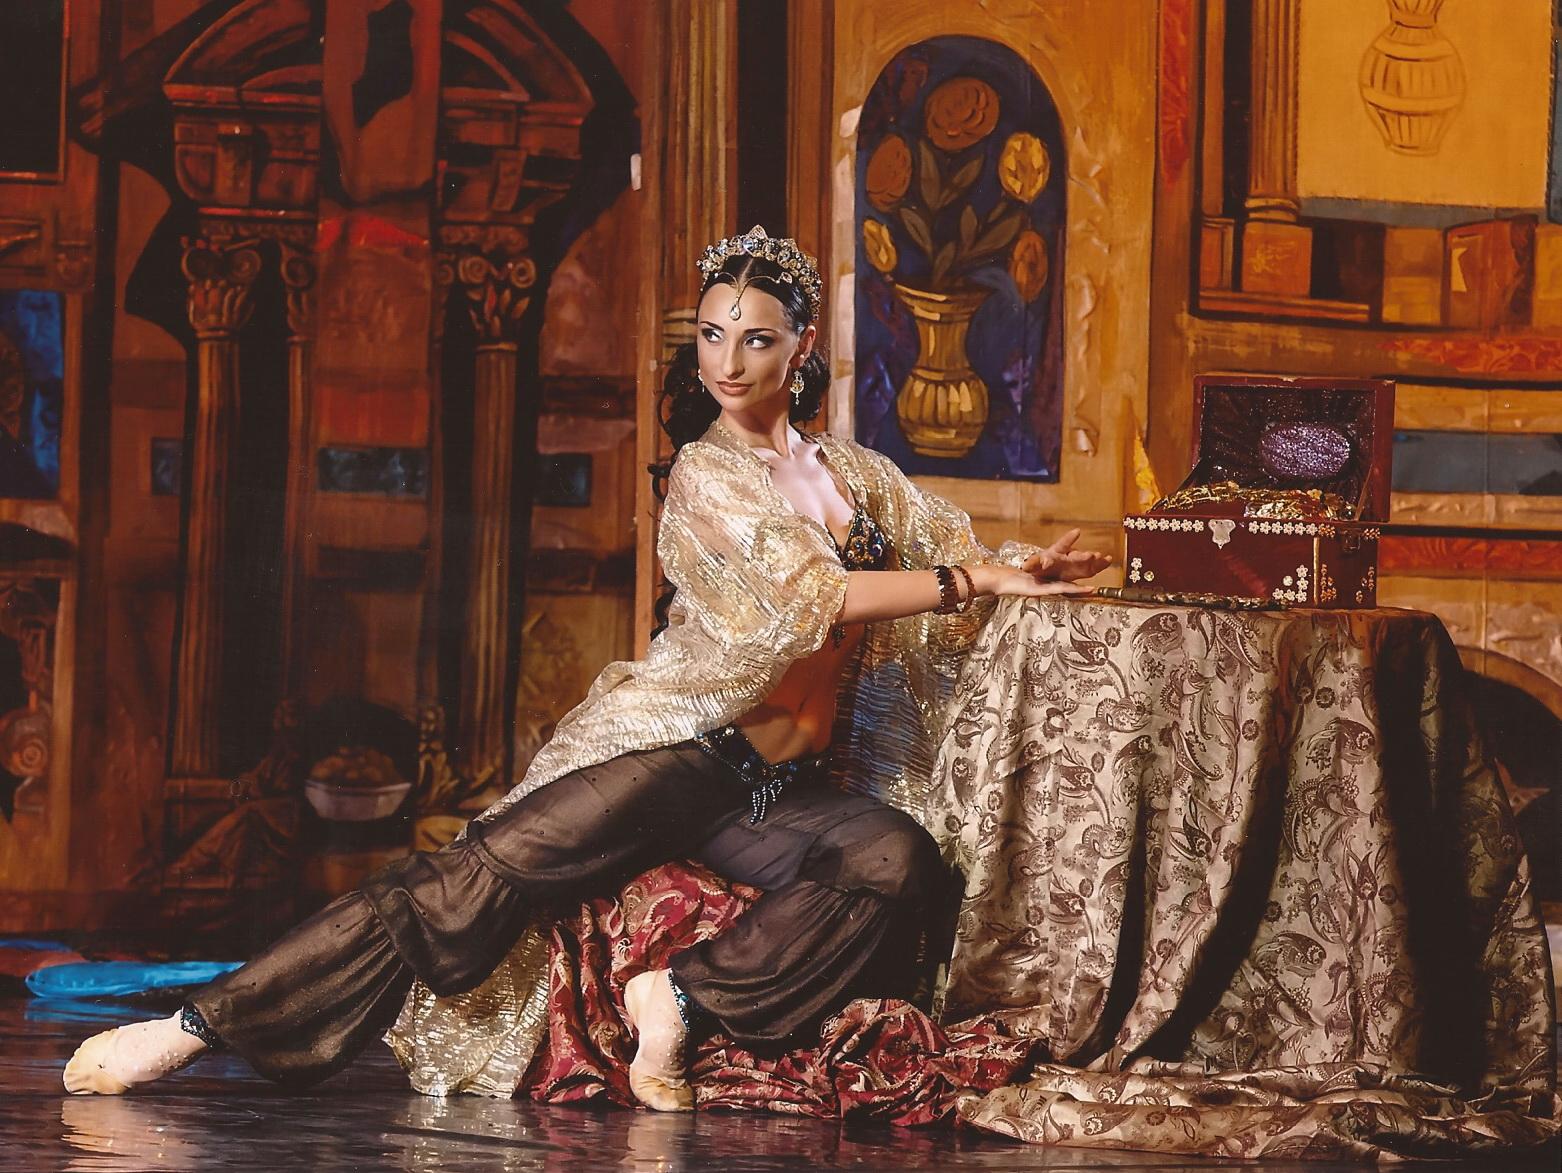 Кристина Шишпор поделилась секретом стройности и привлекательности балерин - фото №1